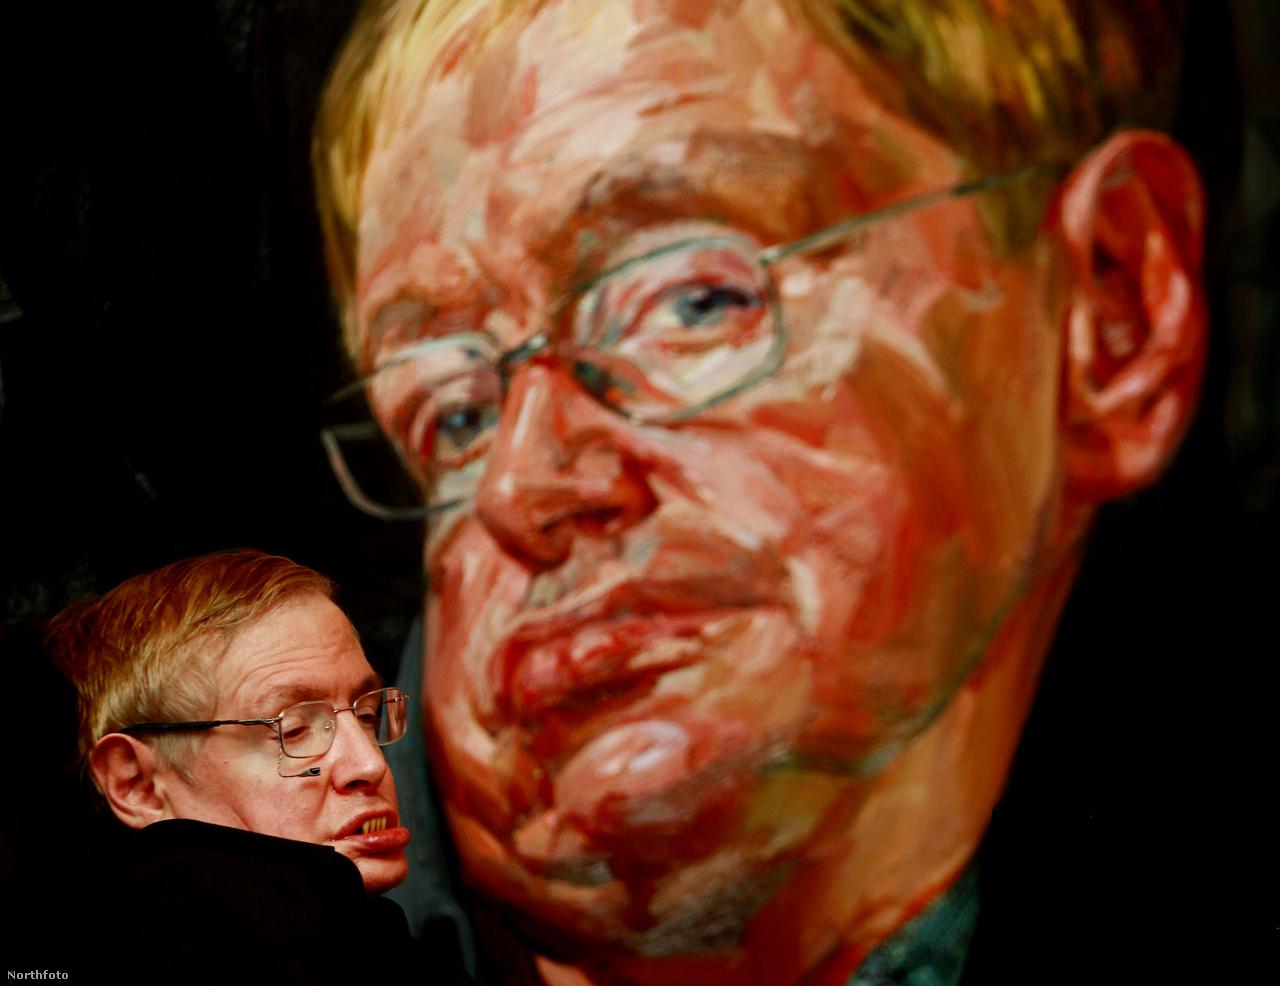 Közel harminc év után, 2004-ben Stephen Hawking végül bejelentette, hogy tévedett és elveszítette a fogadást (aminek a tétje egy enciklopédia volt). Elméletét karrierje legnagyobb tudományos baklövésének nevezte.